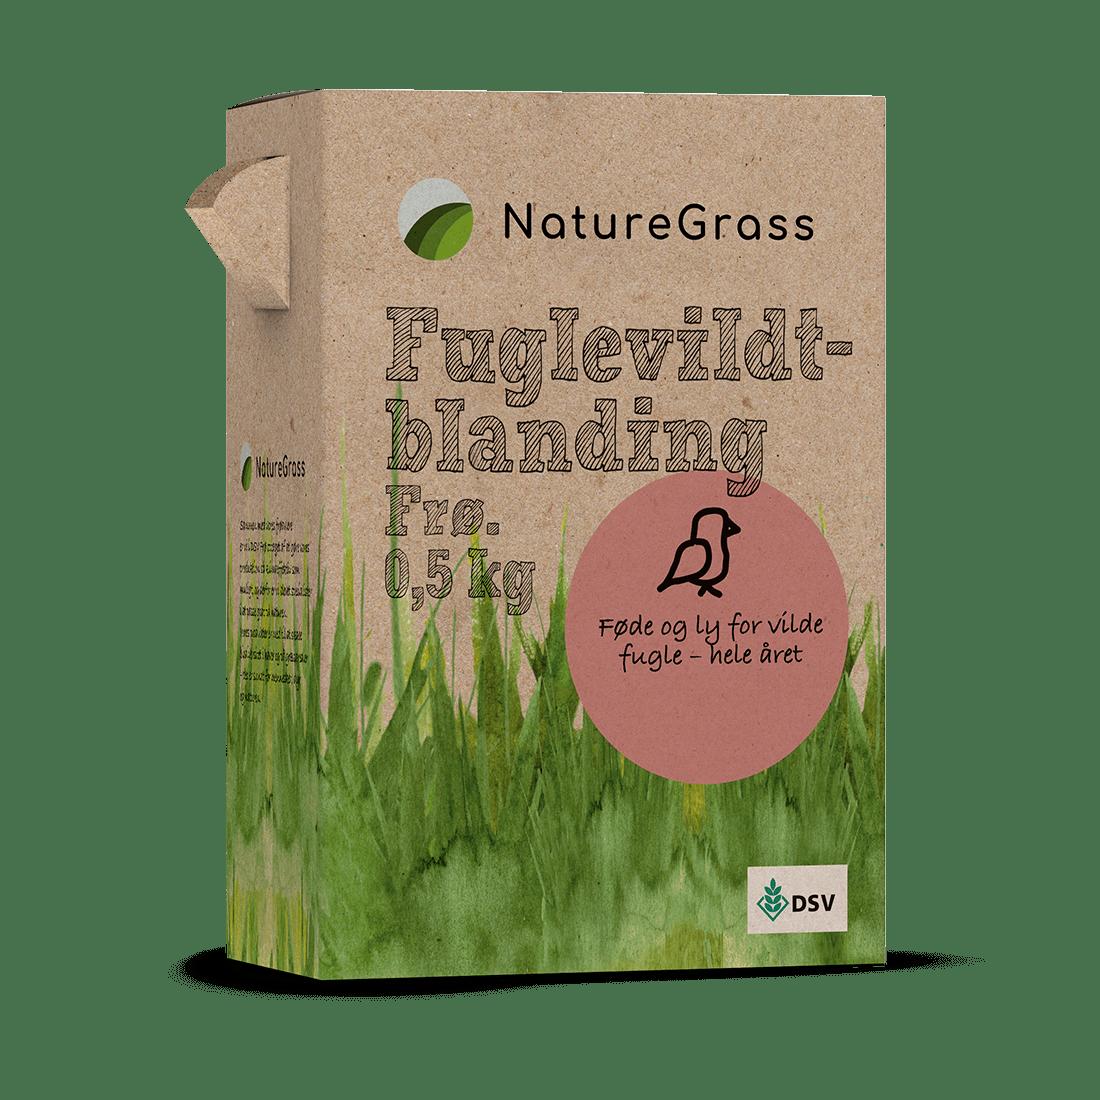 NatureGrass Fuglevildt blanding 0,5 kg